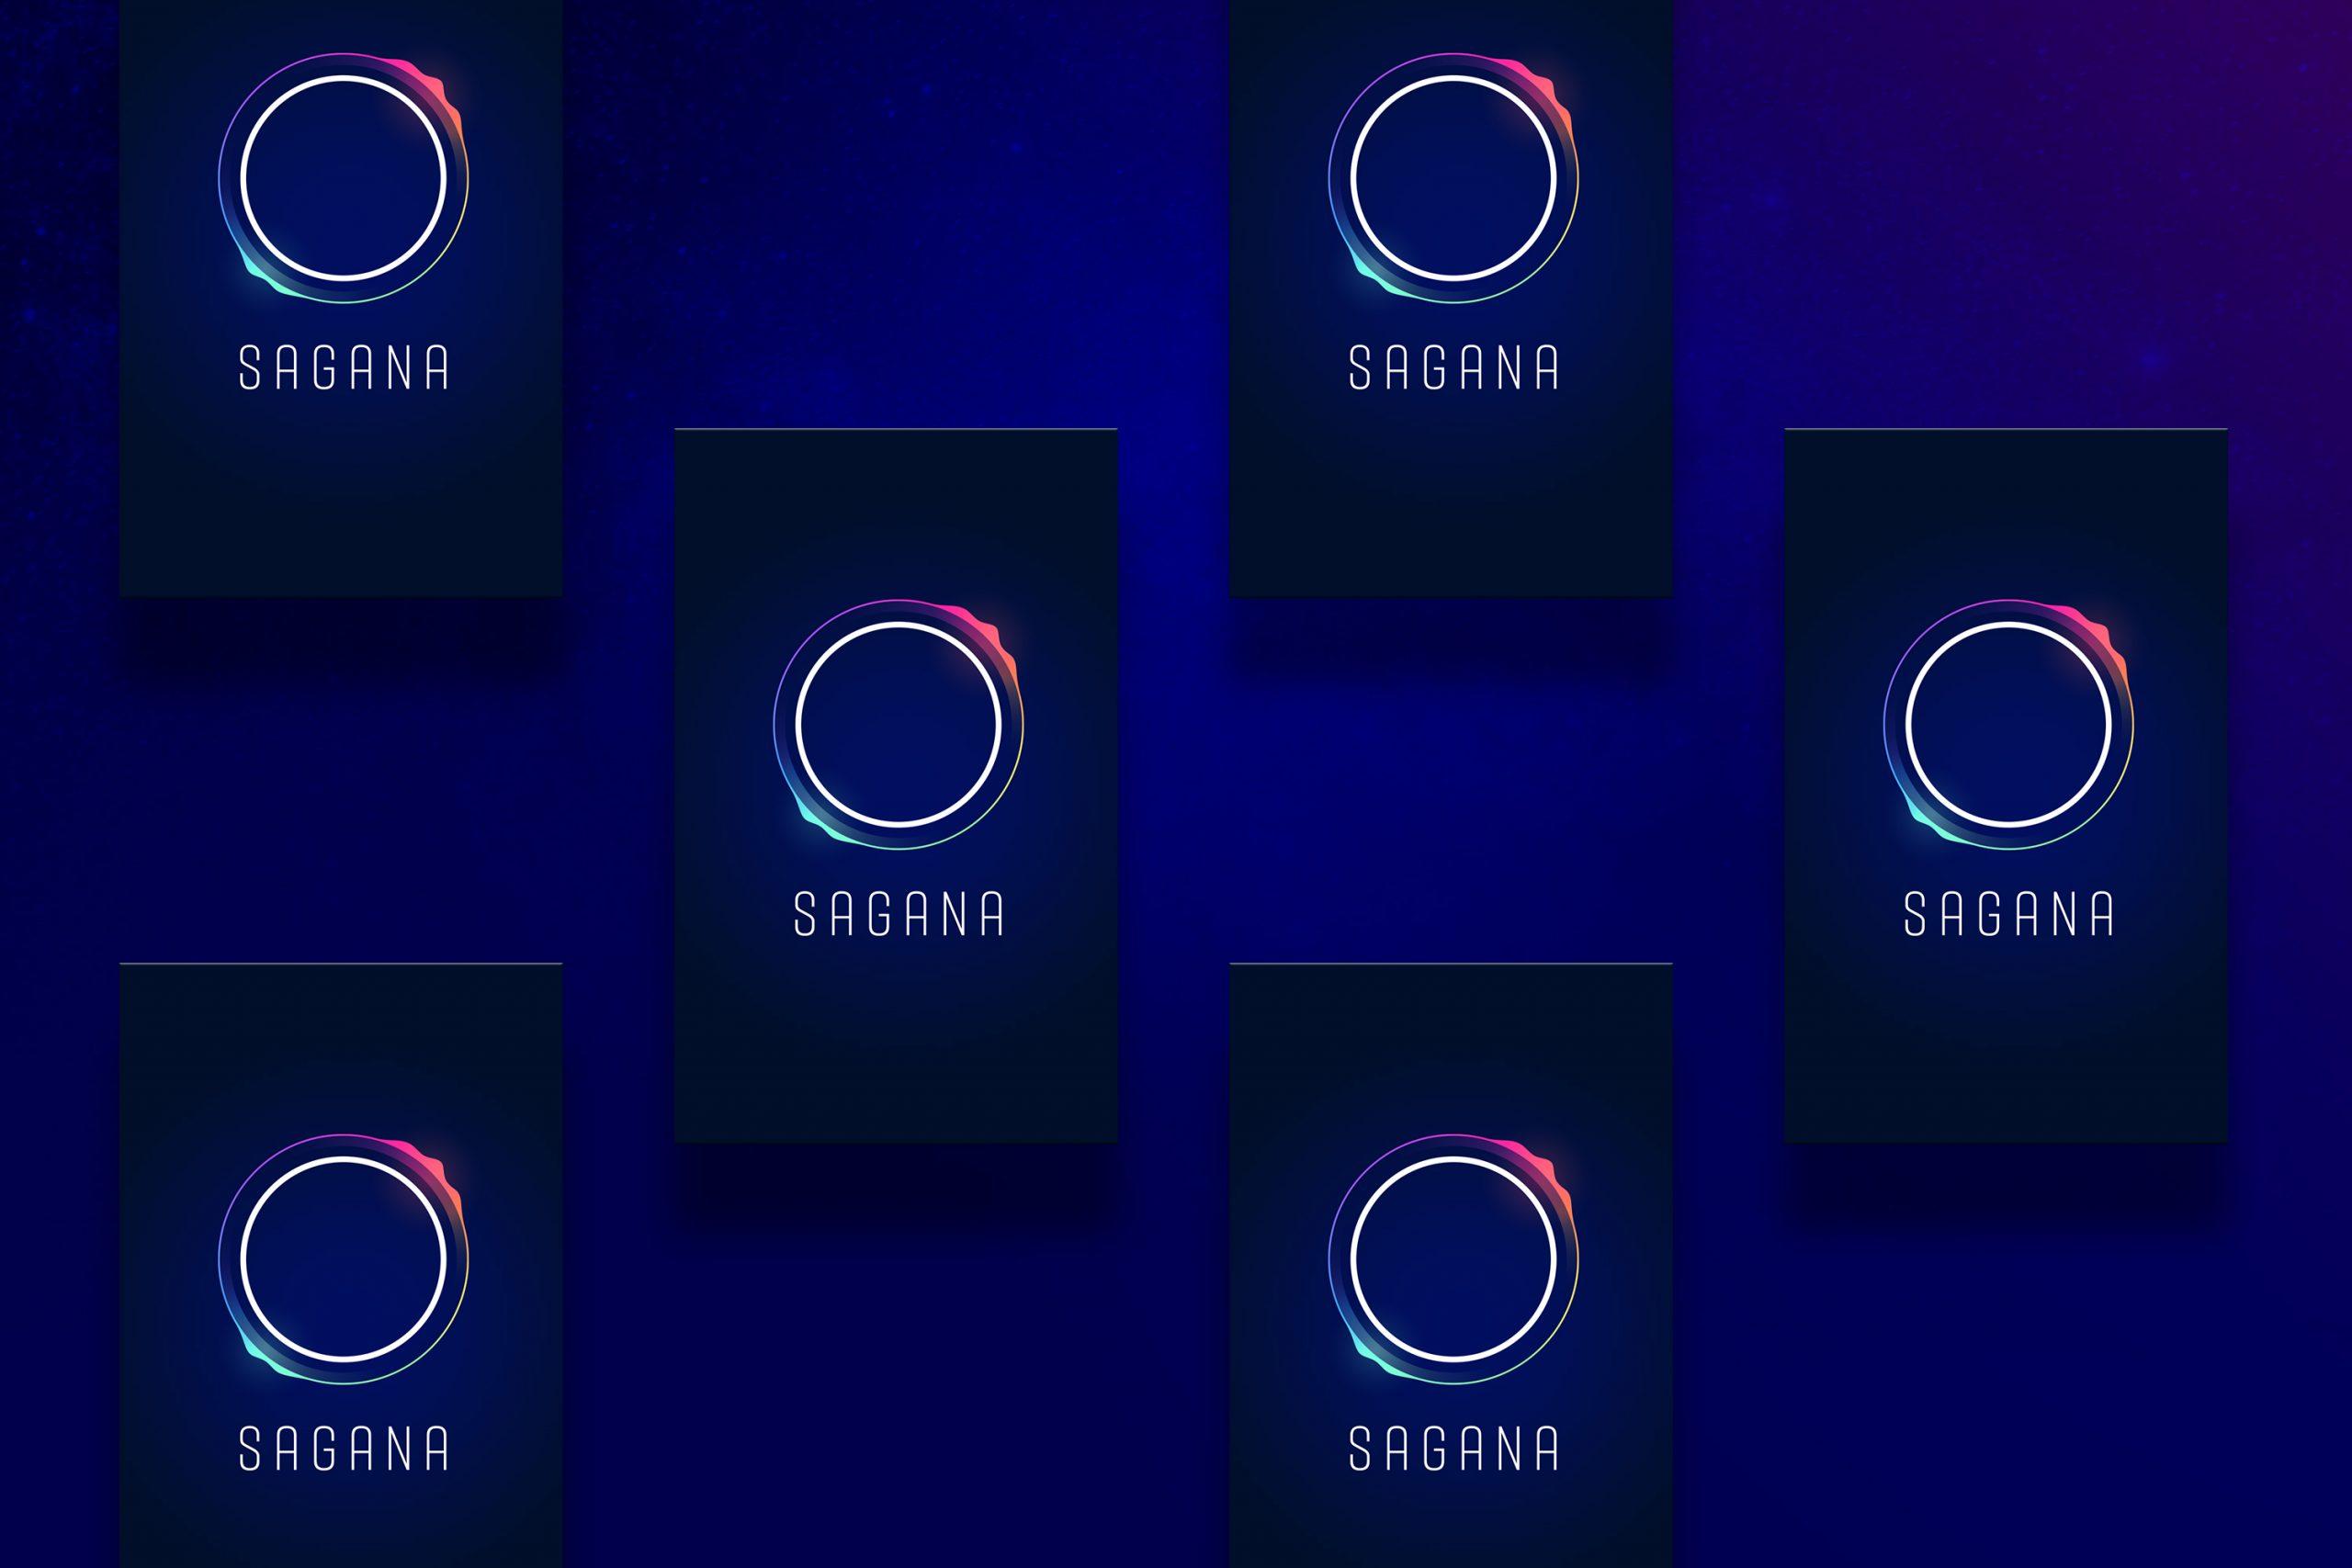 Man sieht das Design der Vorderseite der Visitenkarte von SAGANA, einer Impact Investment Beratung. 6 karten liegen auf blauem Hintergrund. Das Design stammt von MAJORMAJOR.